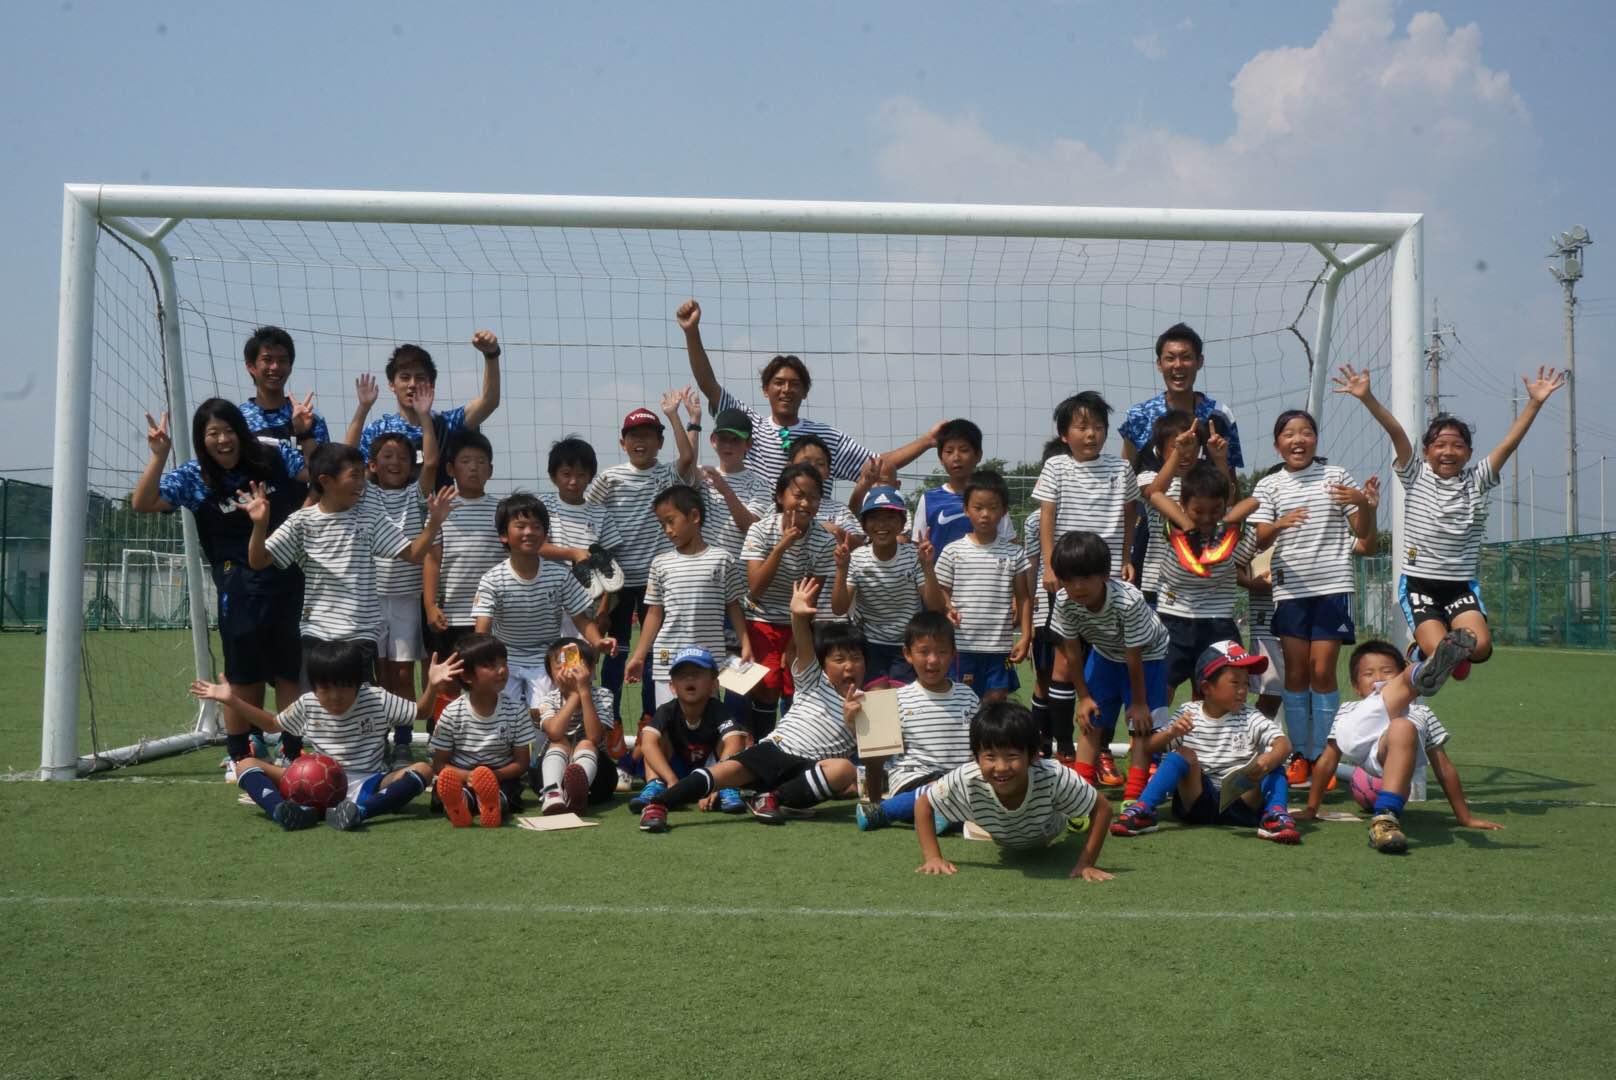 SomaHouseサッカースクール